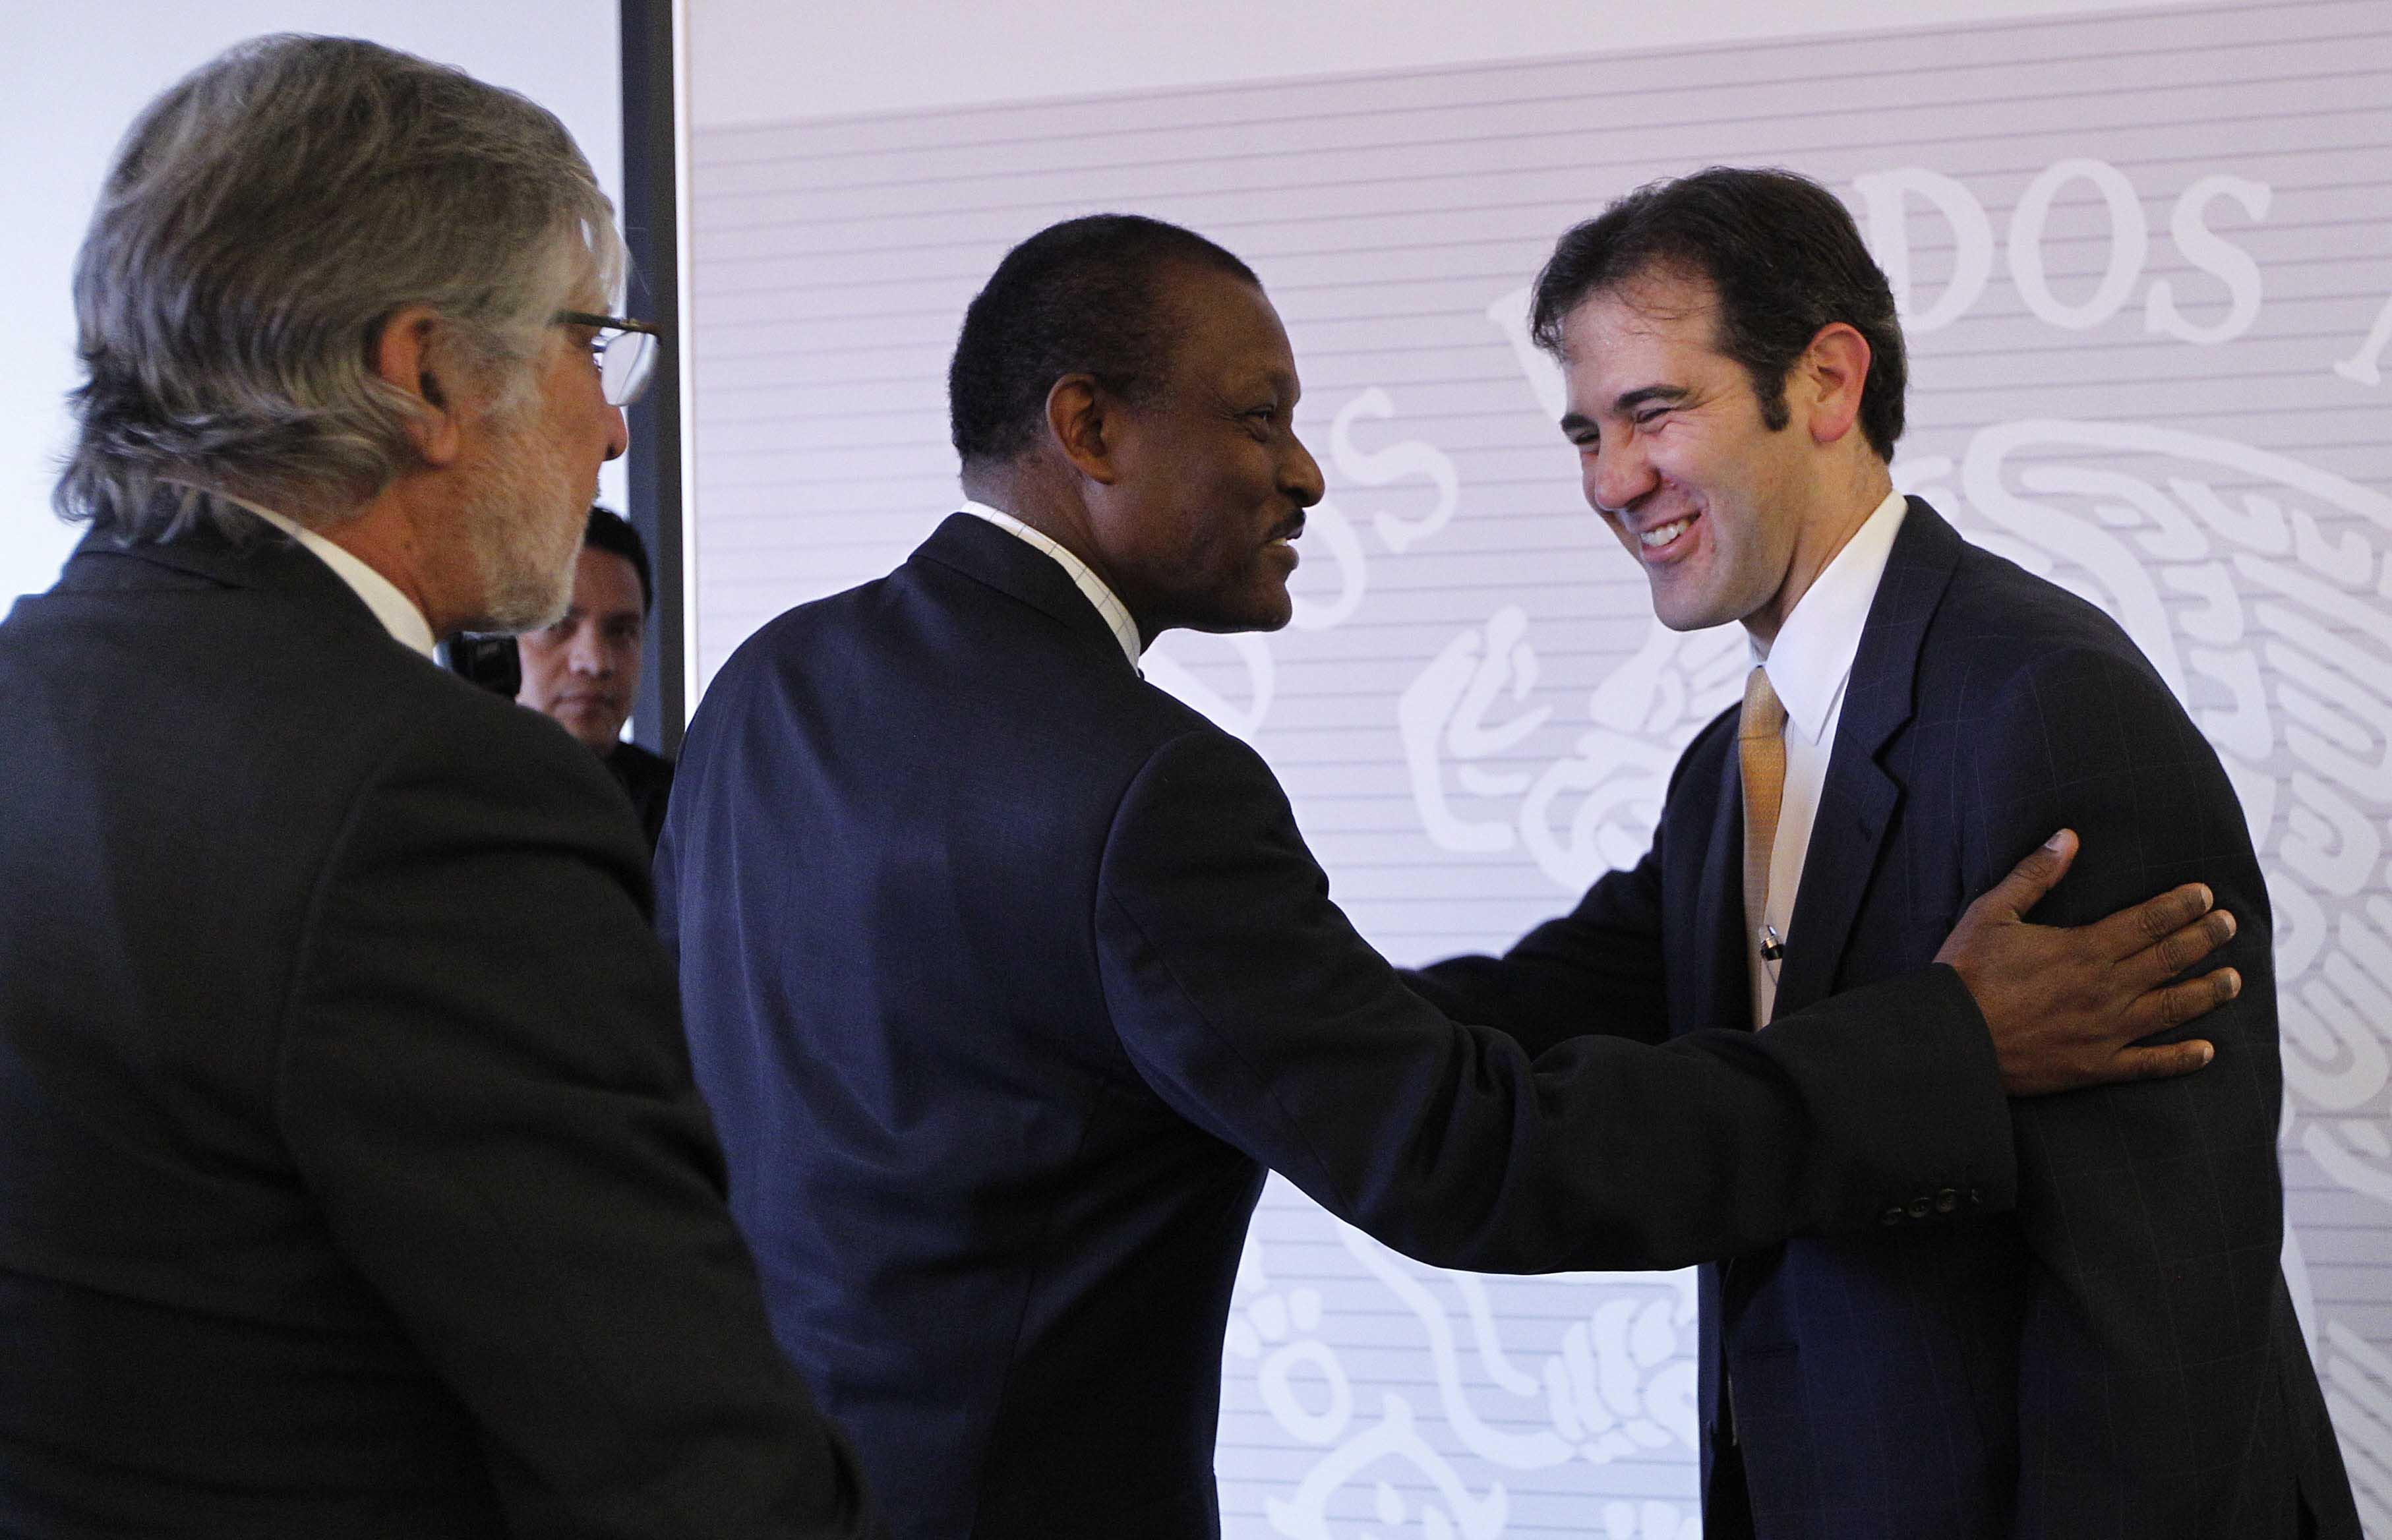 FOTO 3 Consejero presidente del INE  Lorenzo C rdova  se reuni  con el cuerpo diplom ticojpg